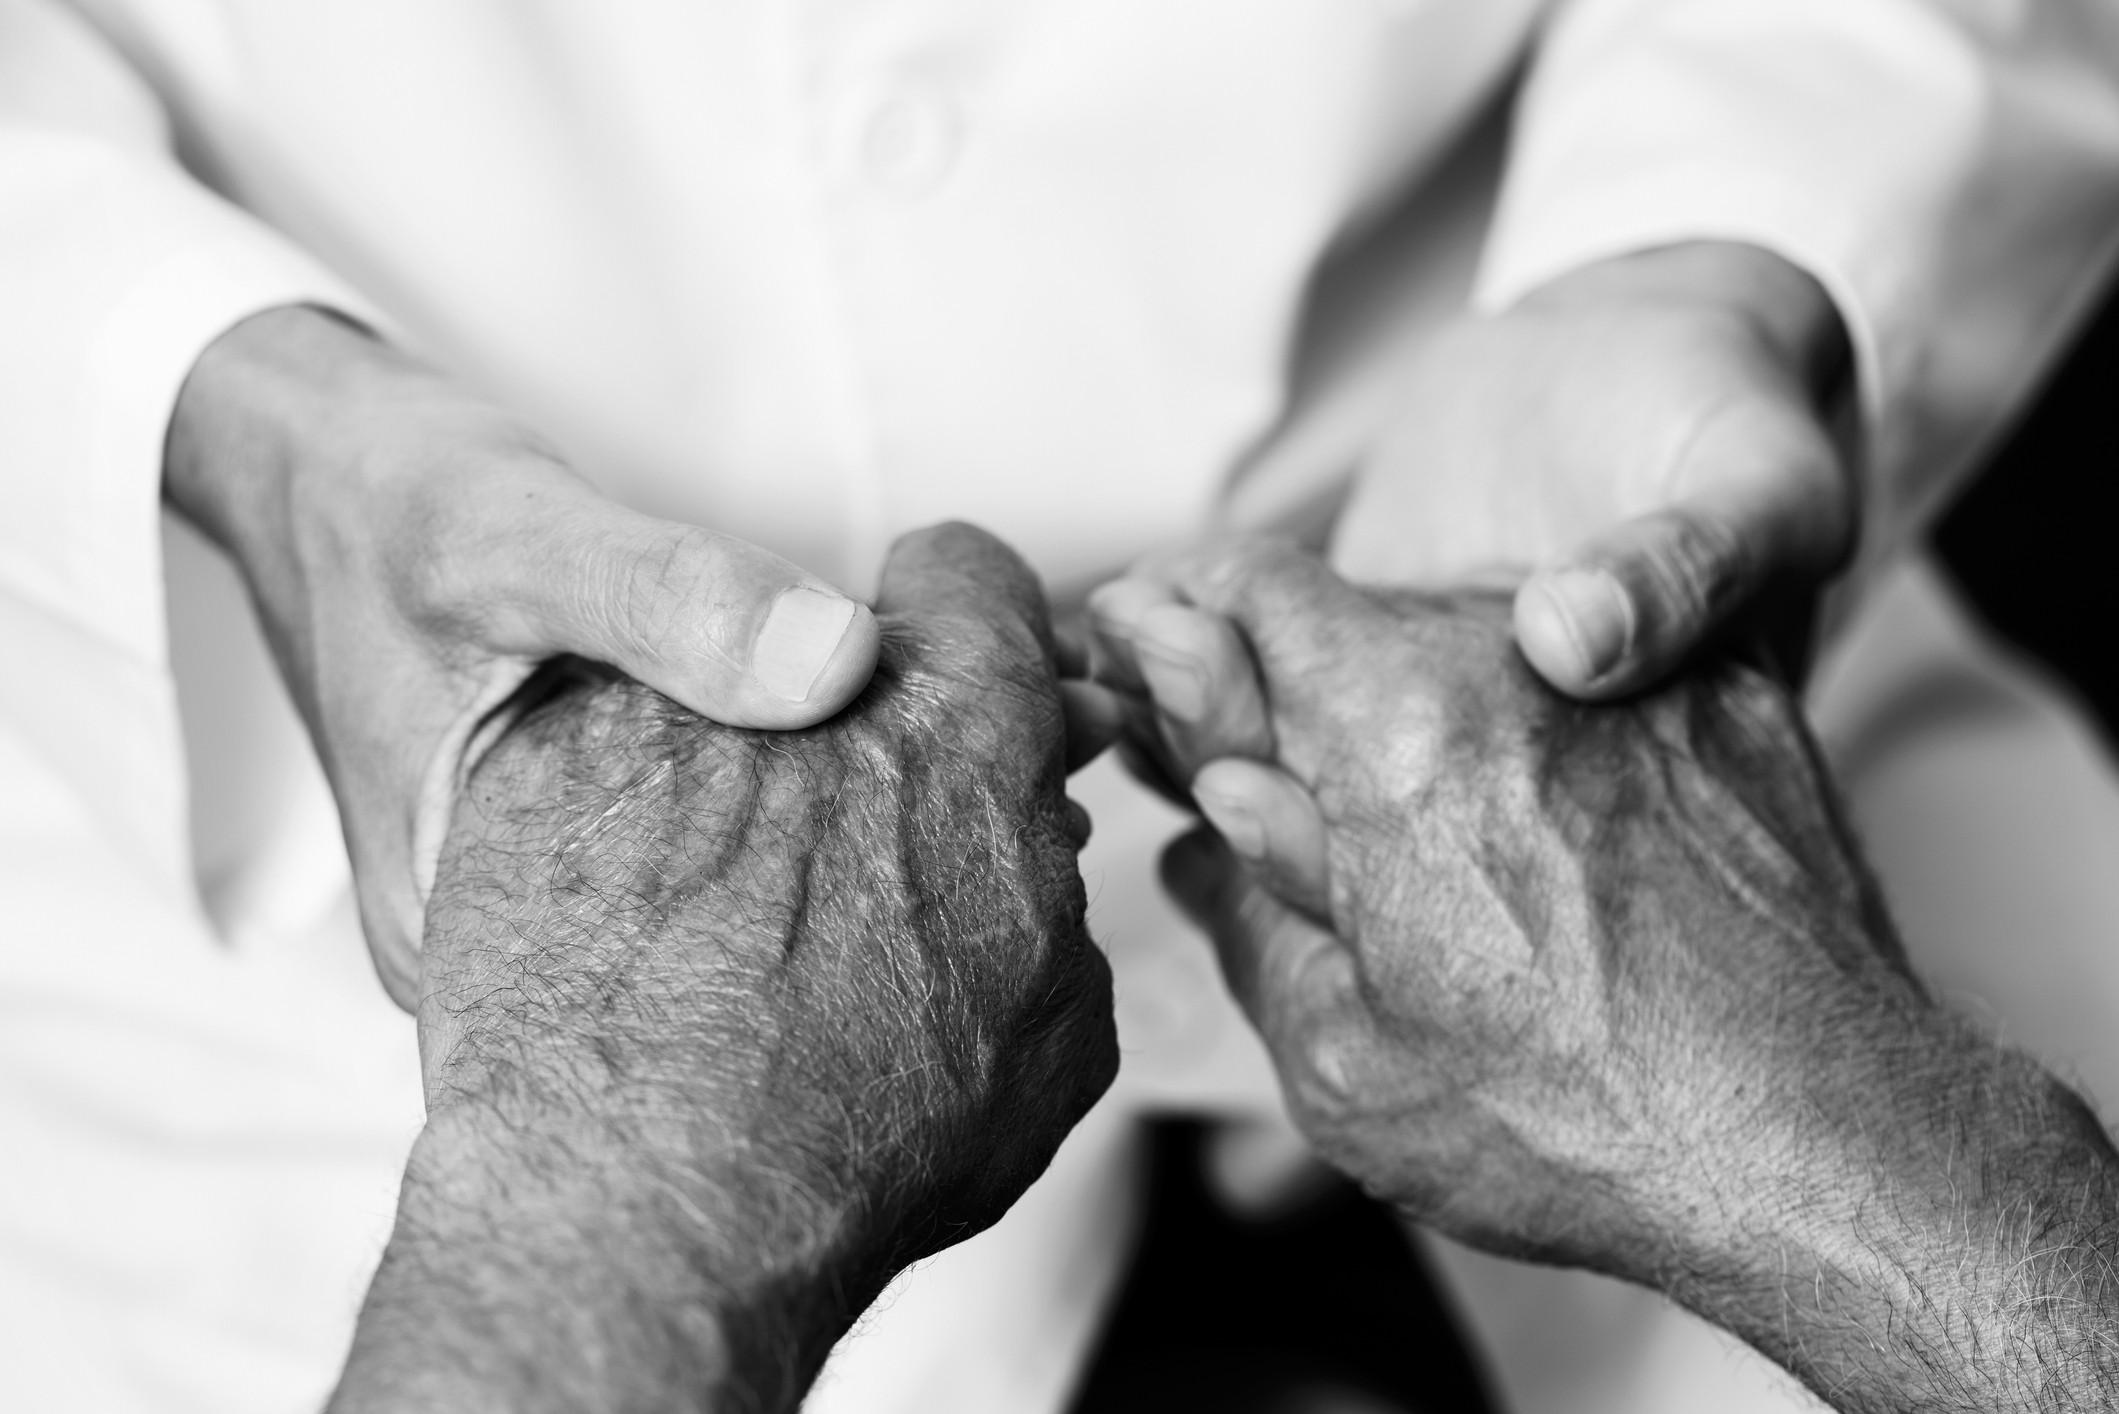 Com 71 anos, nunca soube o que era a dor, nem no parto. Já se sabe porquê